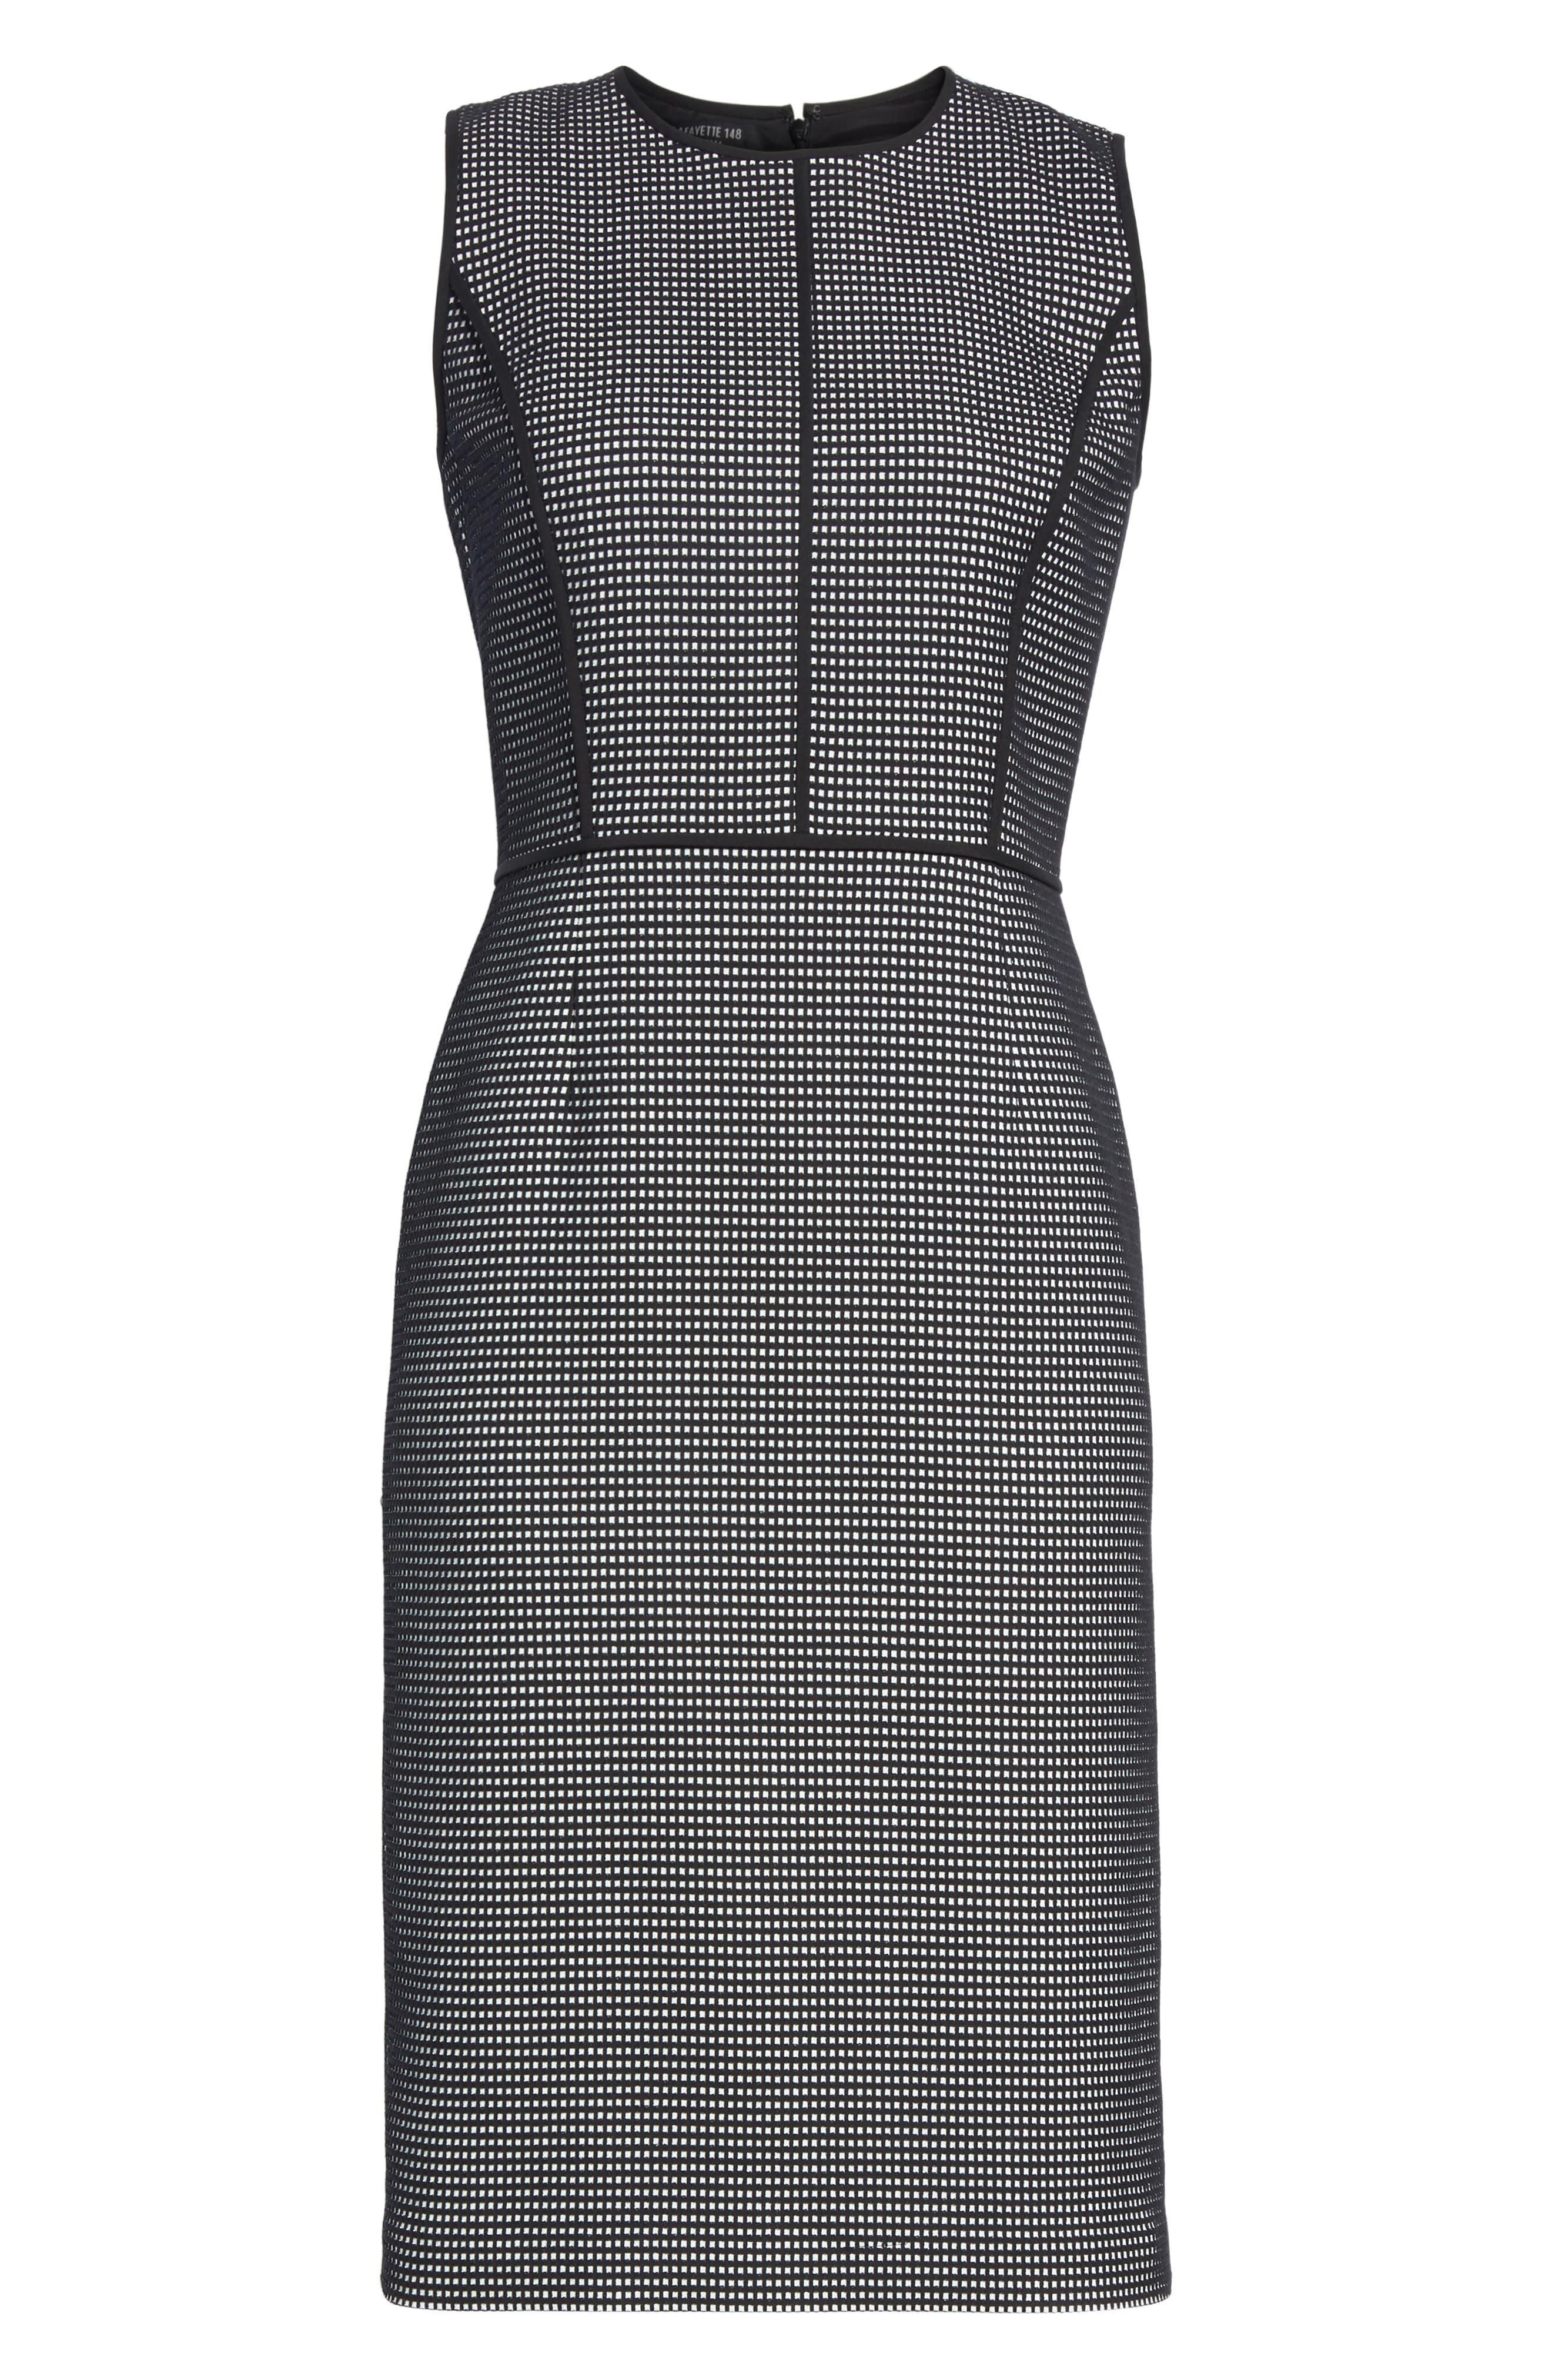 Bree Check Sheath Dress,                             Alternate thumbnail 7, color,                             Black Multi